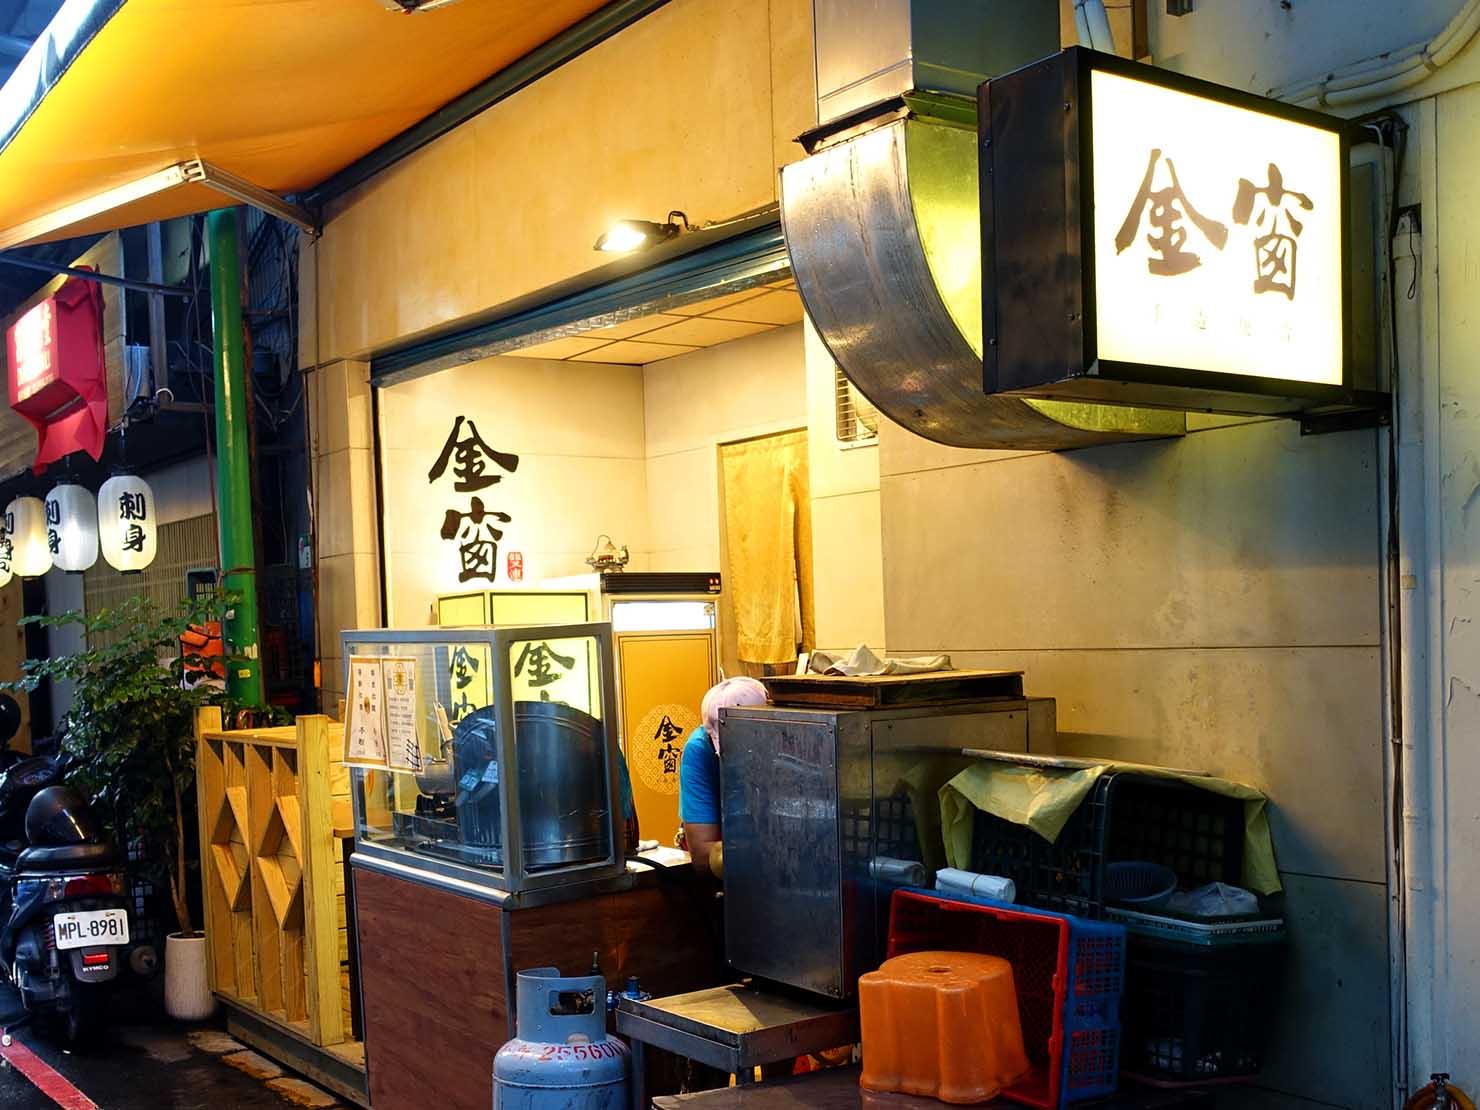 台北駅裏エリア(後站)のおすすめグルメ店「金窗手造便當」の外観